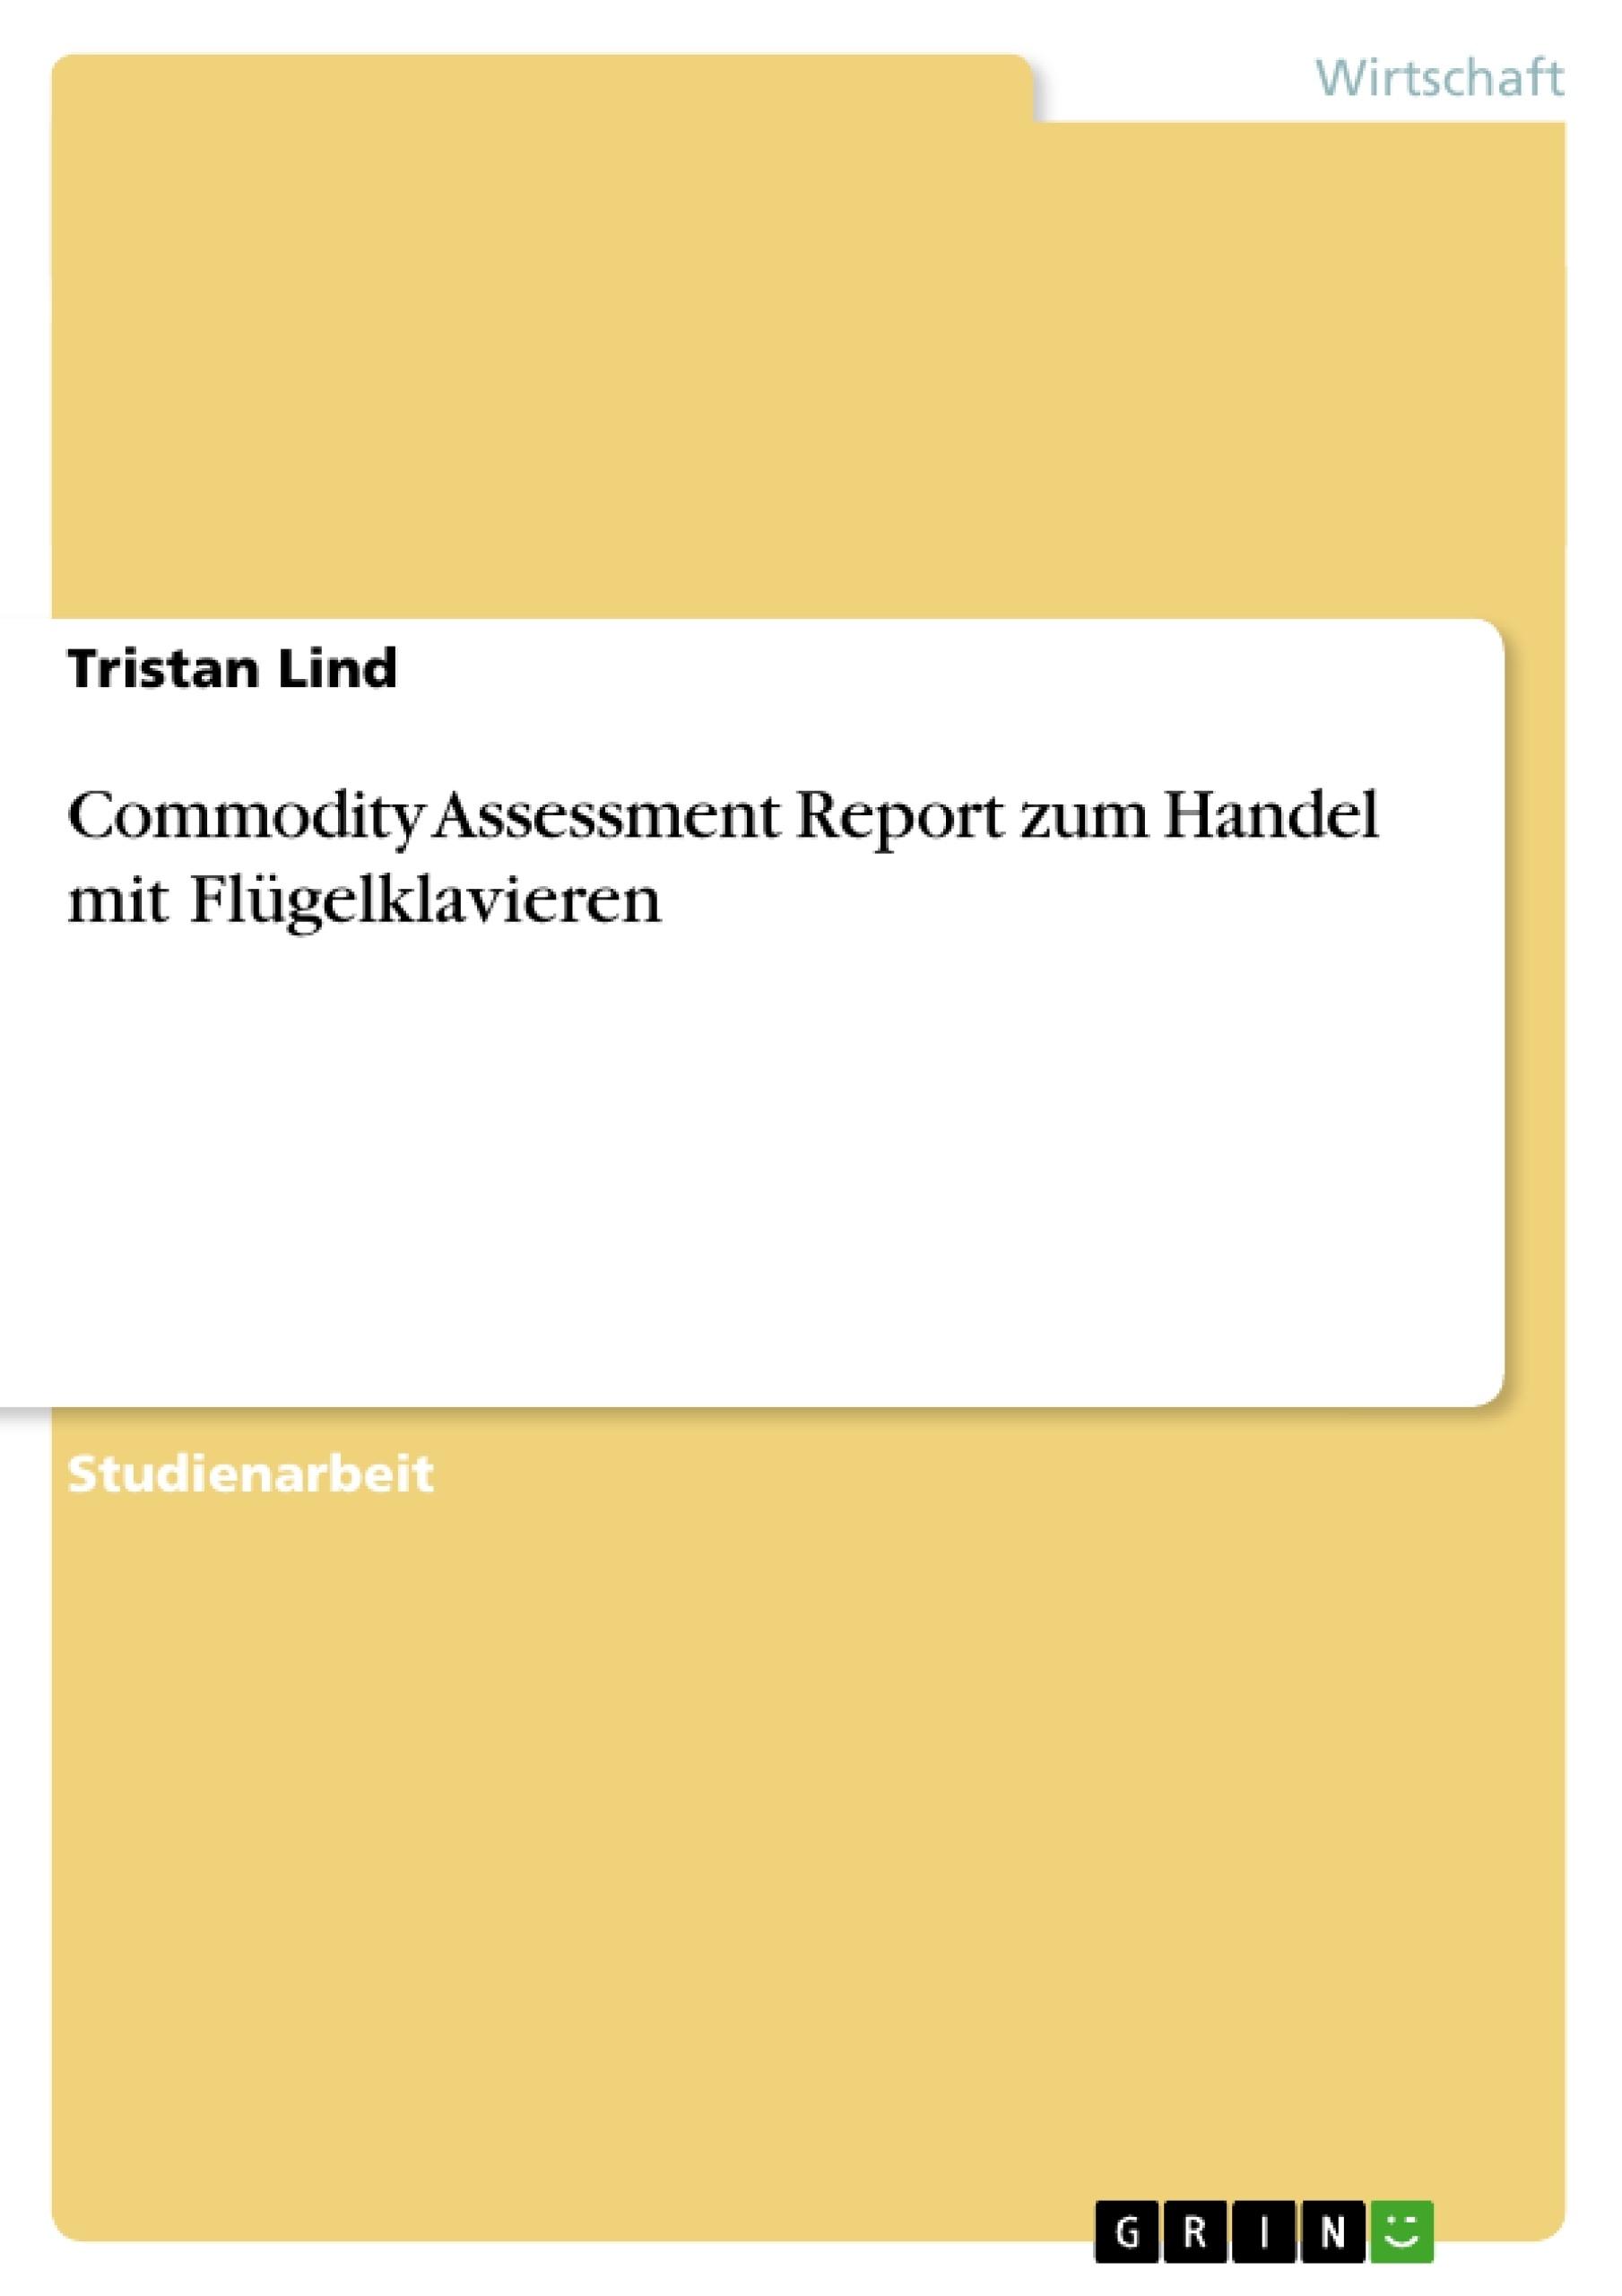 Titel: Commodity Assessment Report zum Handel mit Flügelklavieren